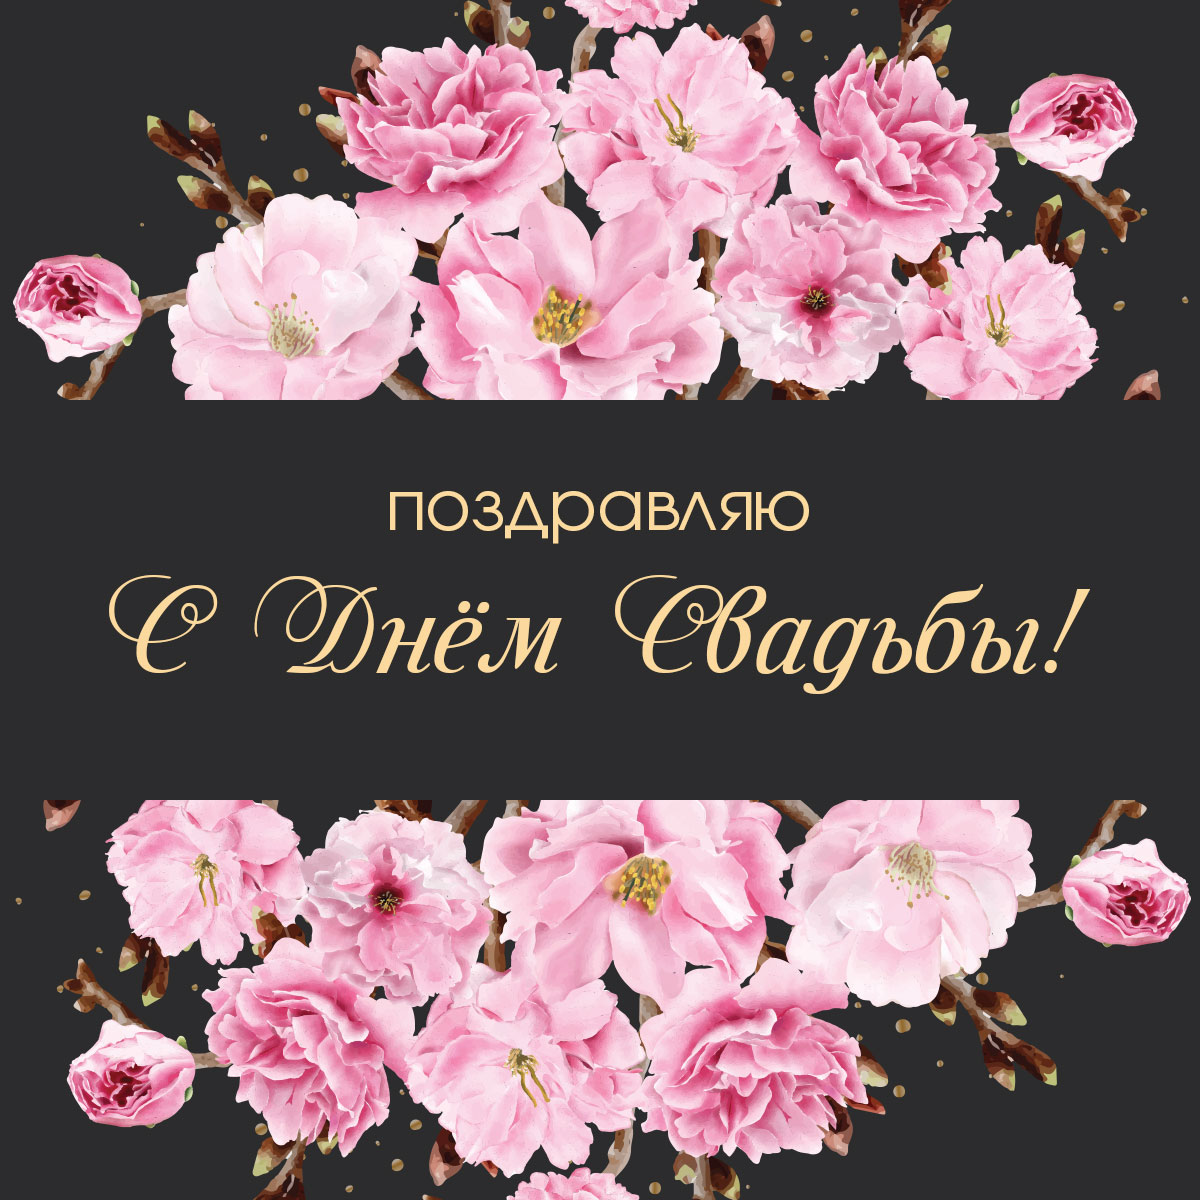 Картинка с текстом поздравления со свадьбой с розовыми цветами на чёрном фоне.